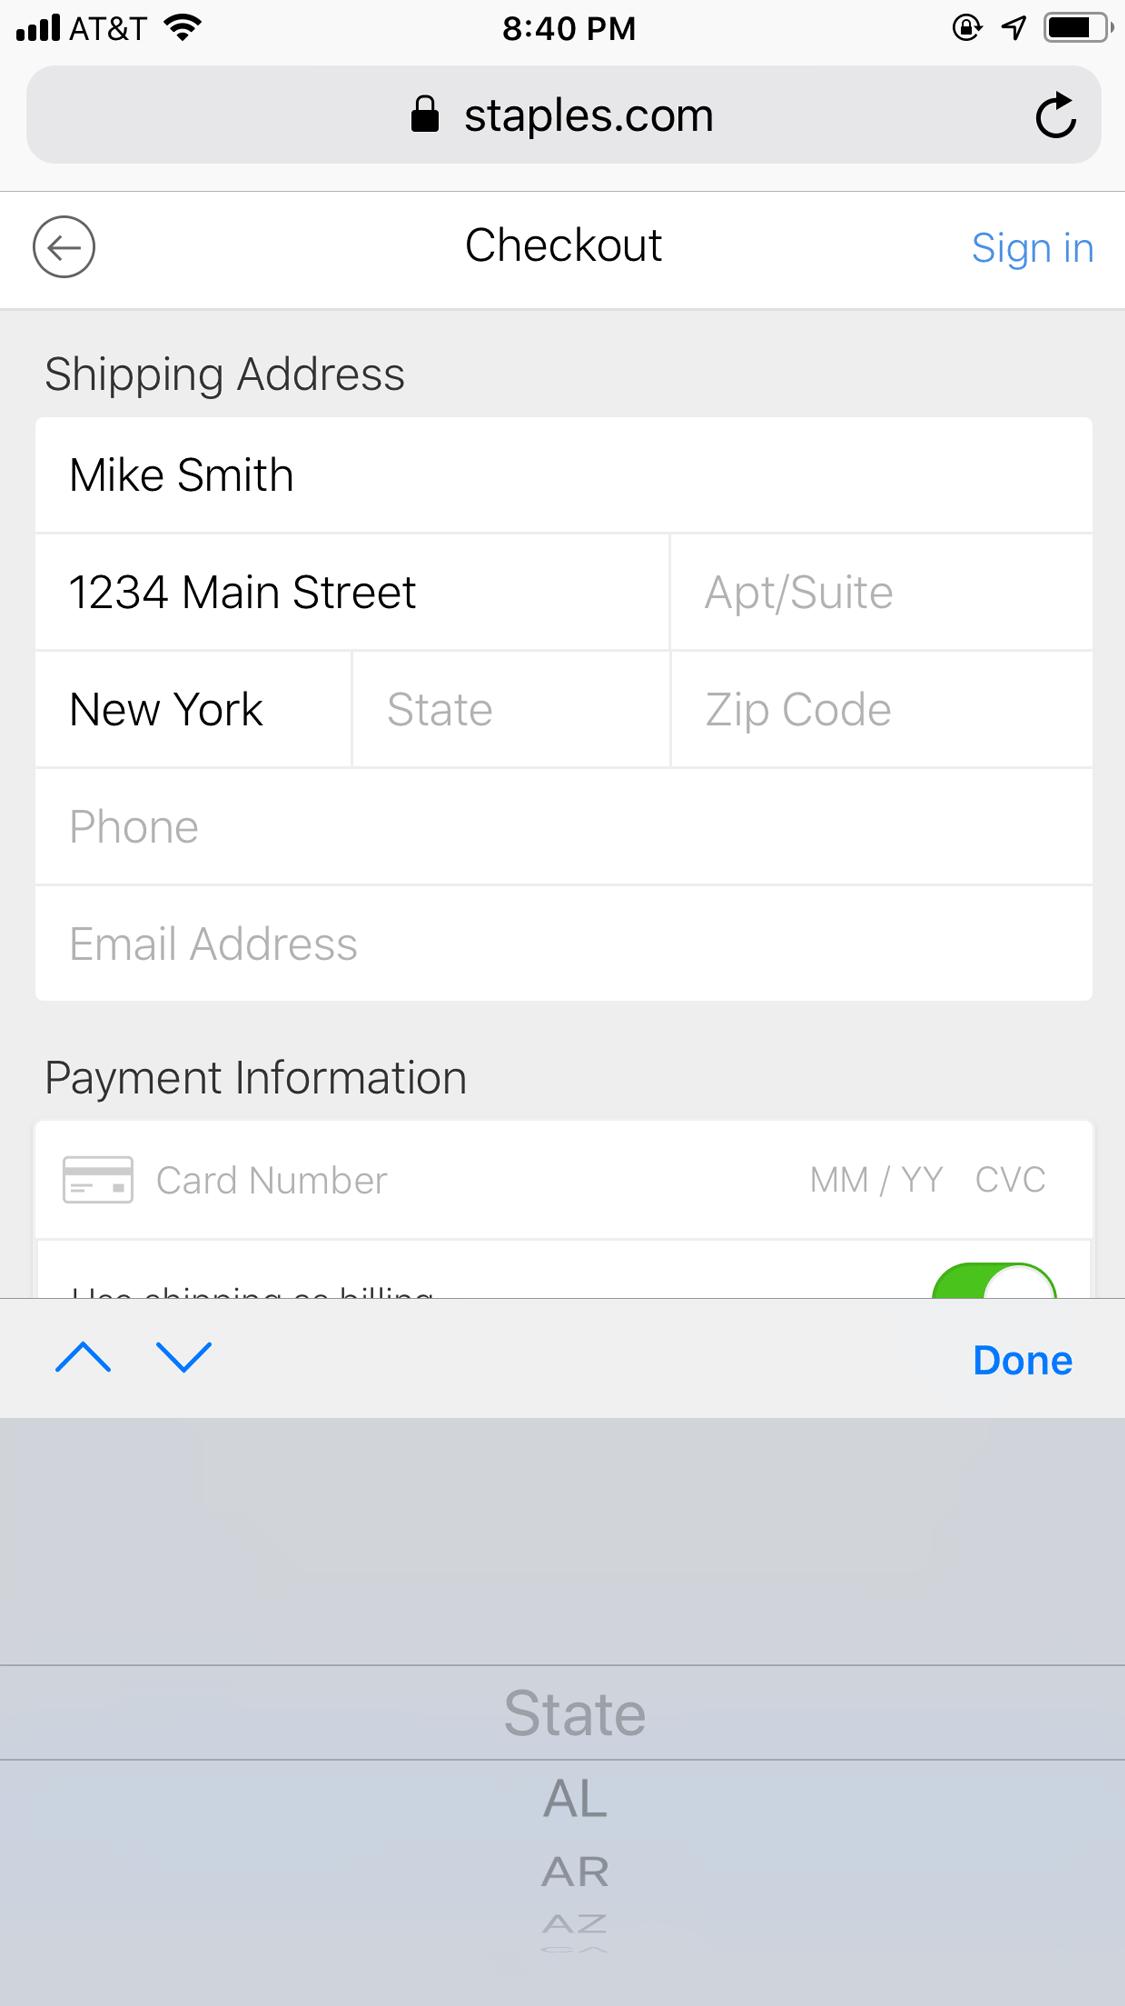 Пользователи на Staples.com должны были прокрутить длинный выпадающий список, чтобы выбрать две буквы, которые представляют их состояние. Пользователи гораздо быстрее вводят буквы, чем прокручивают вниз, чтобы выбрать позицию из выпадающего списка.